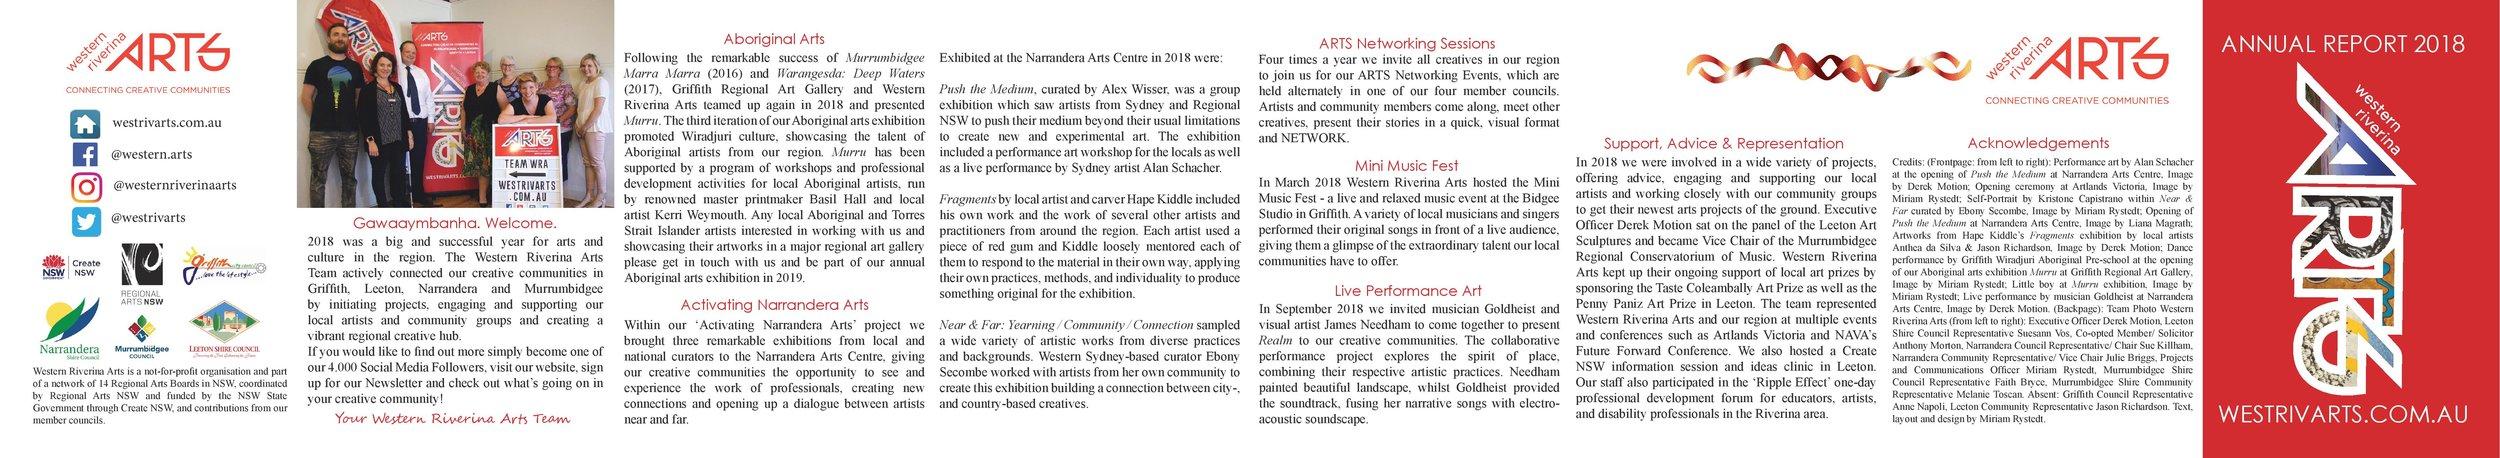 annualreport2018_WRA_printfile-page-002.jpg